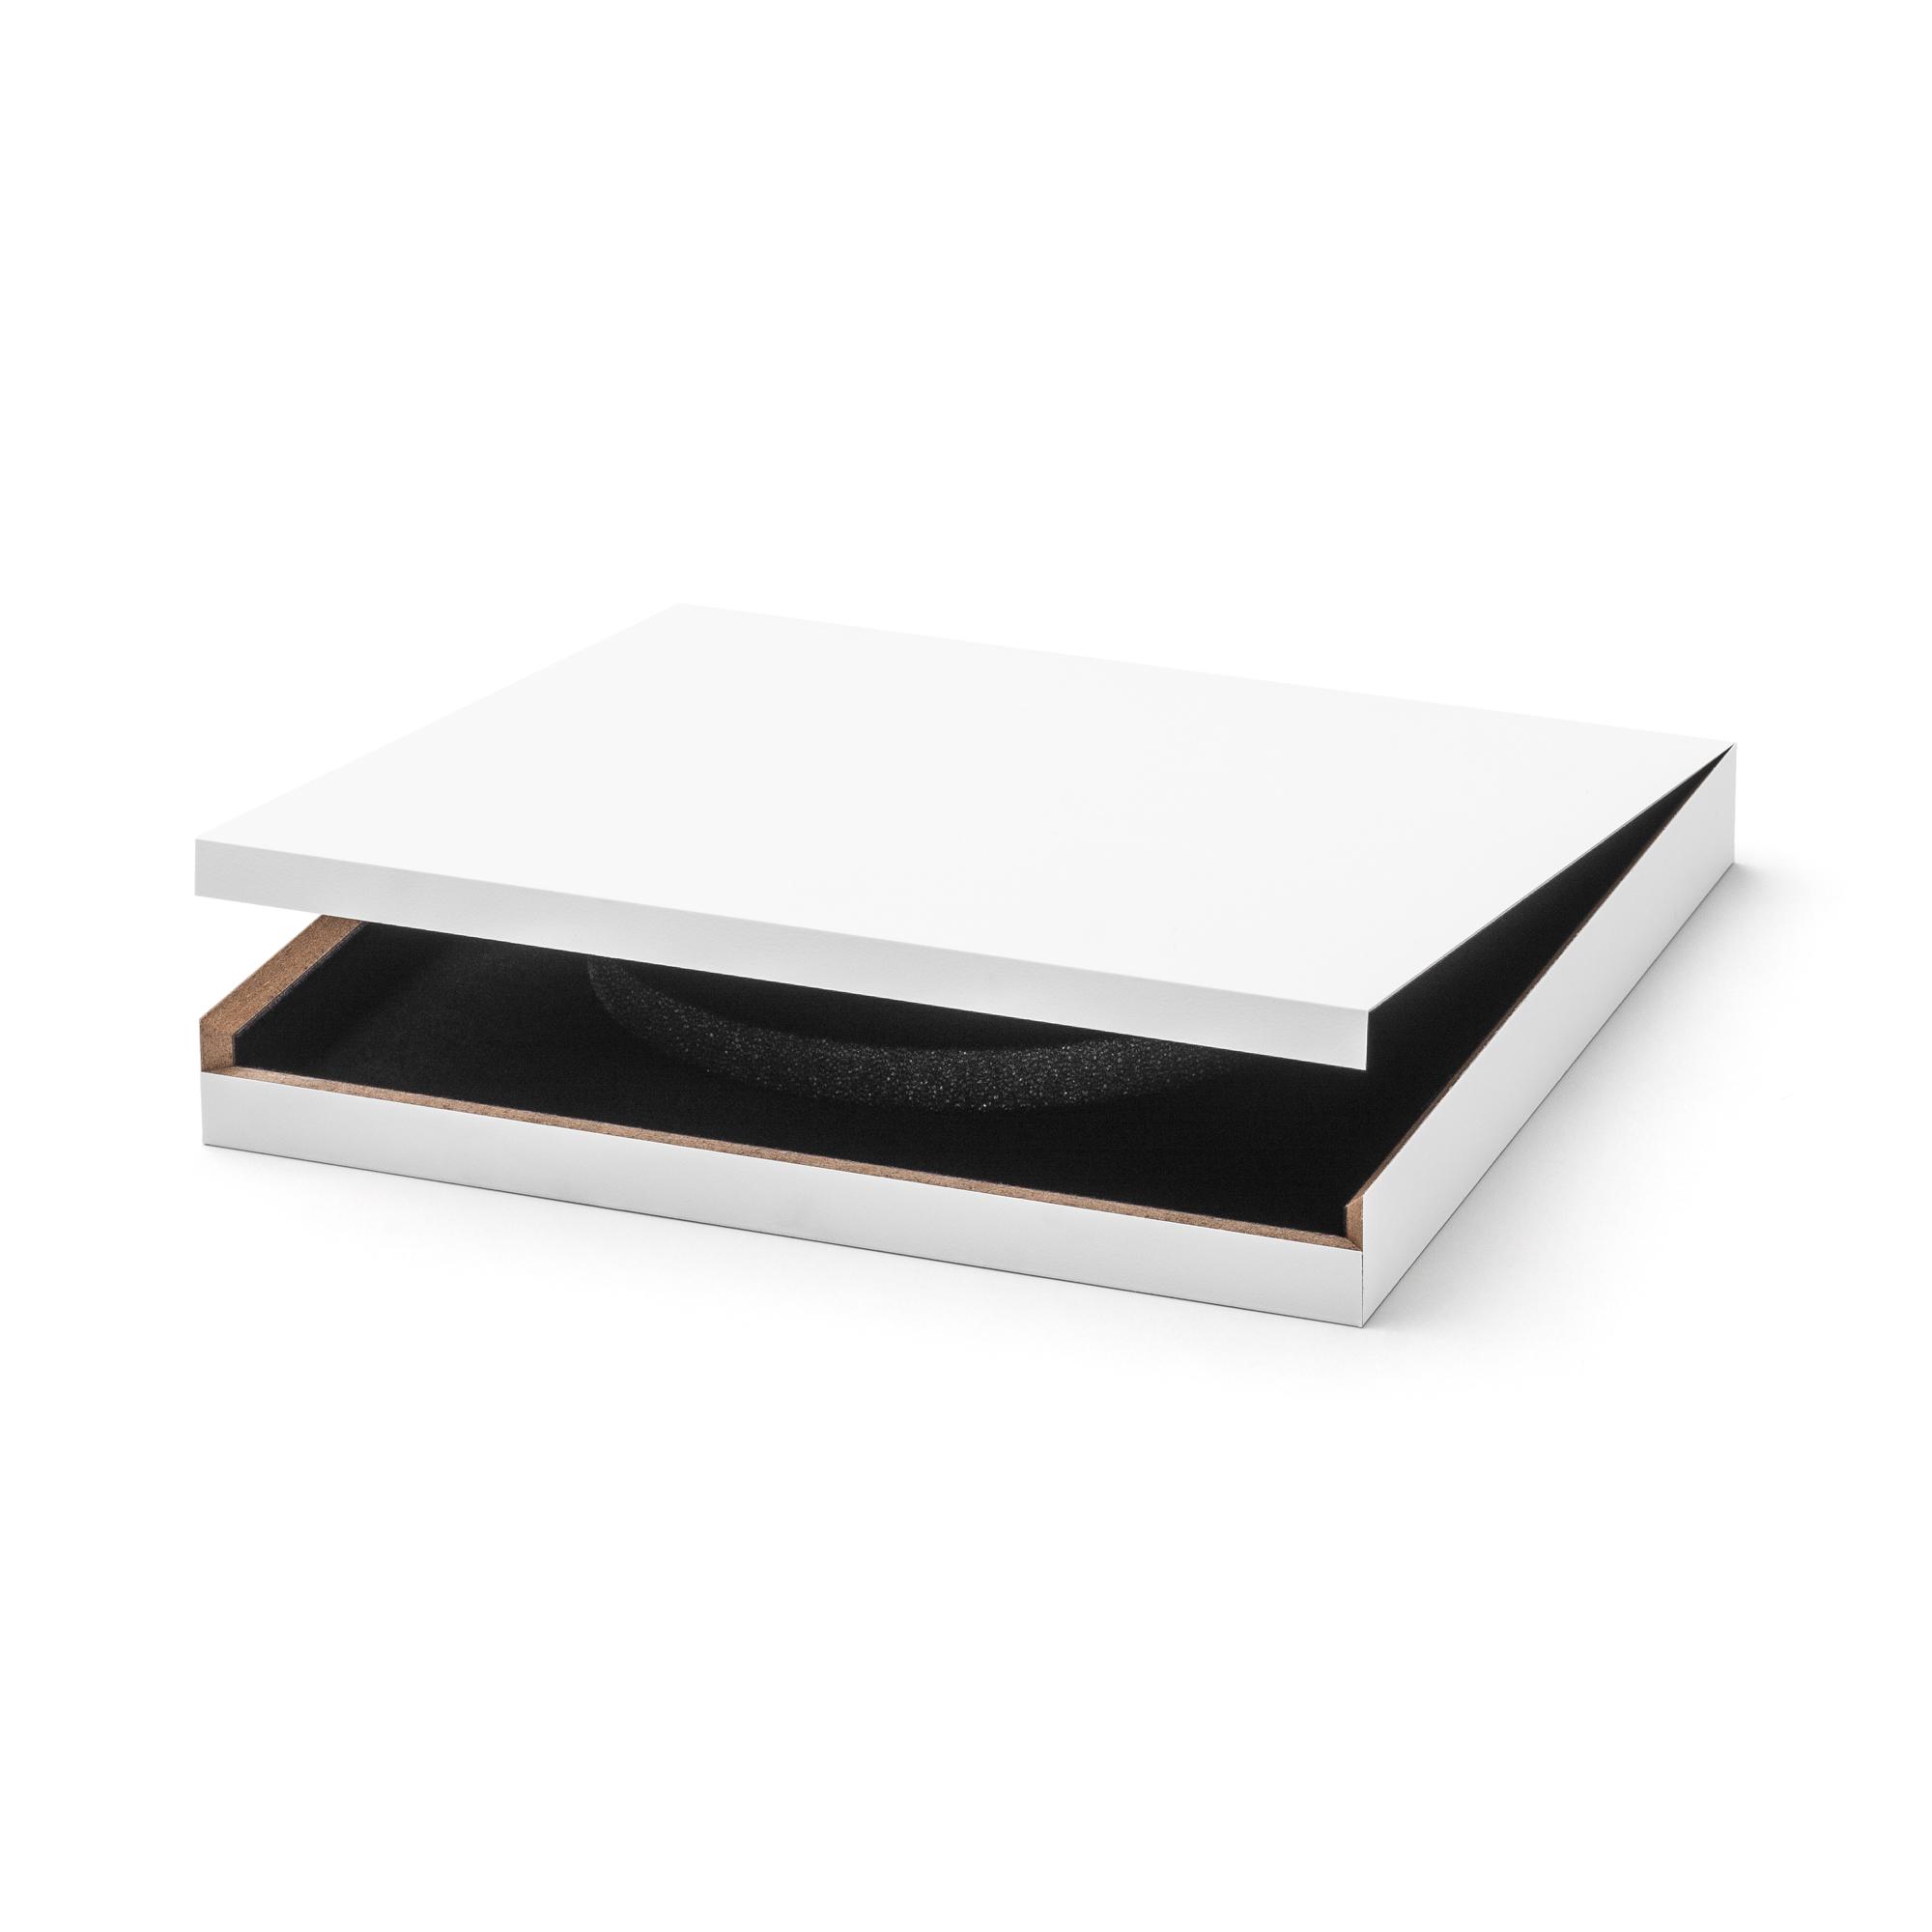 WHITEBOX Kette flach